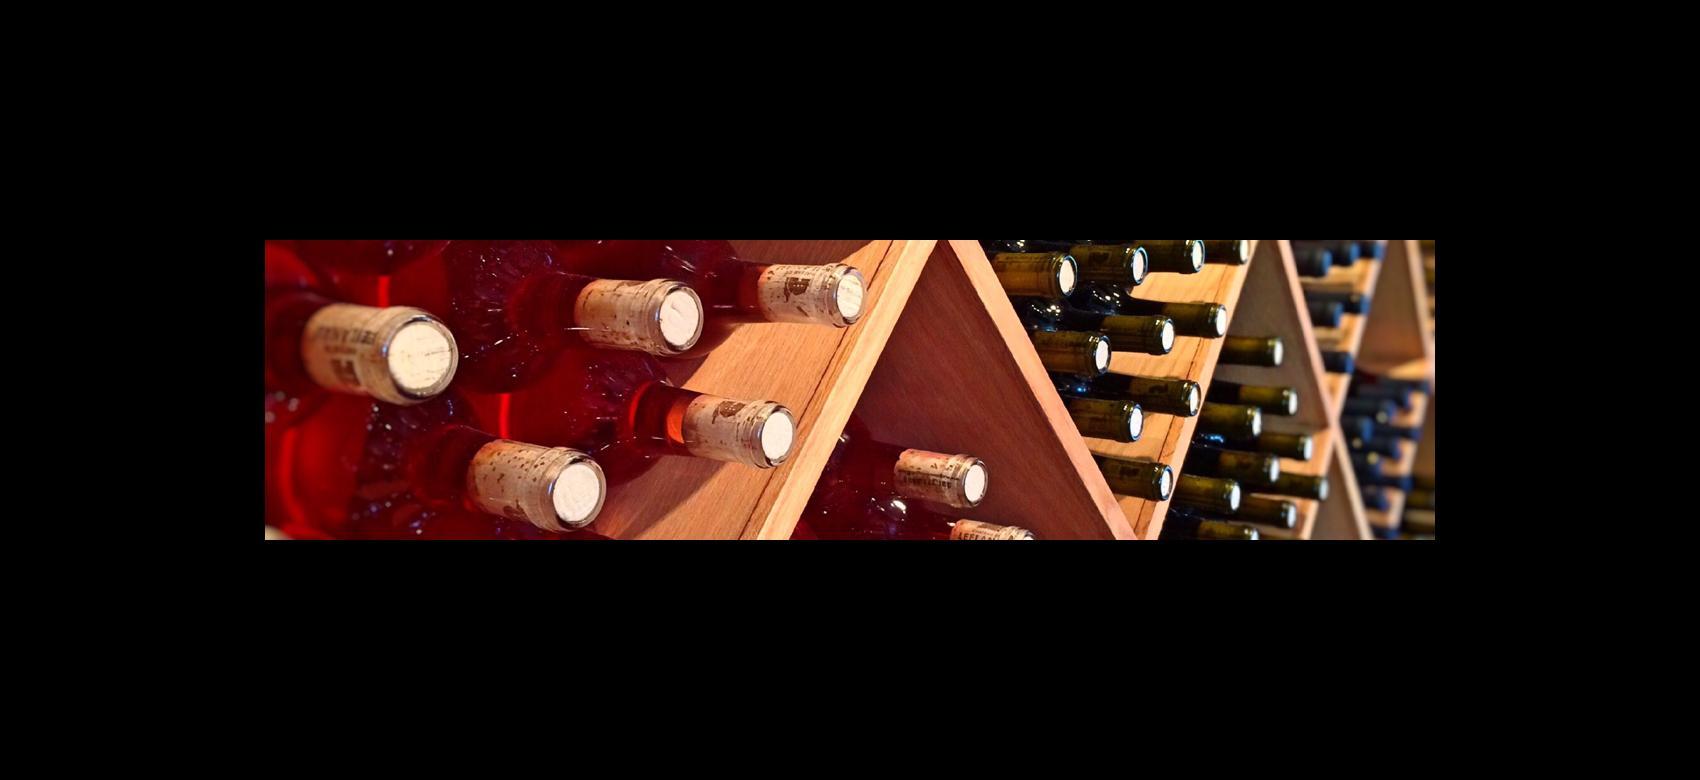 Imagen de estantes con botellas de vino